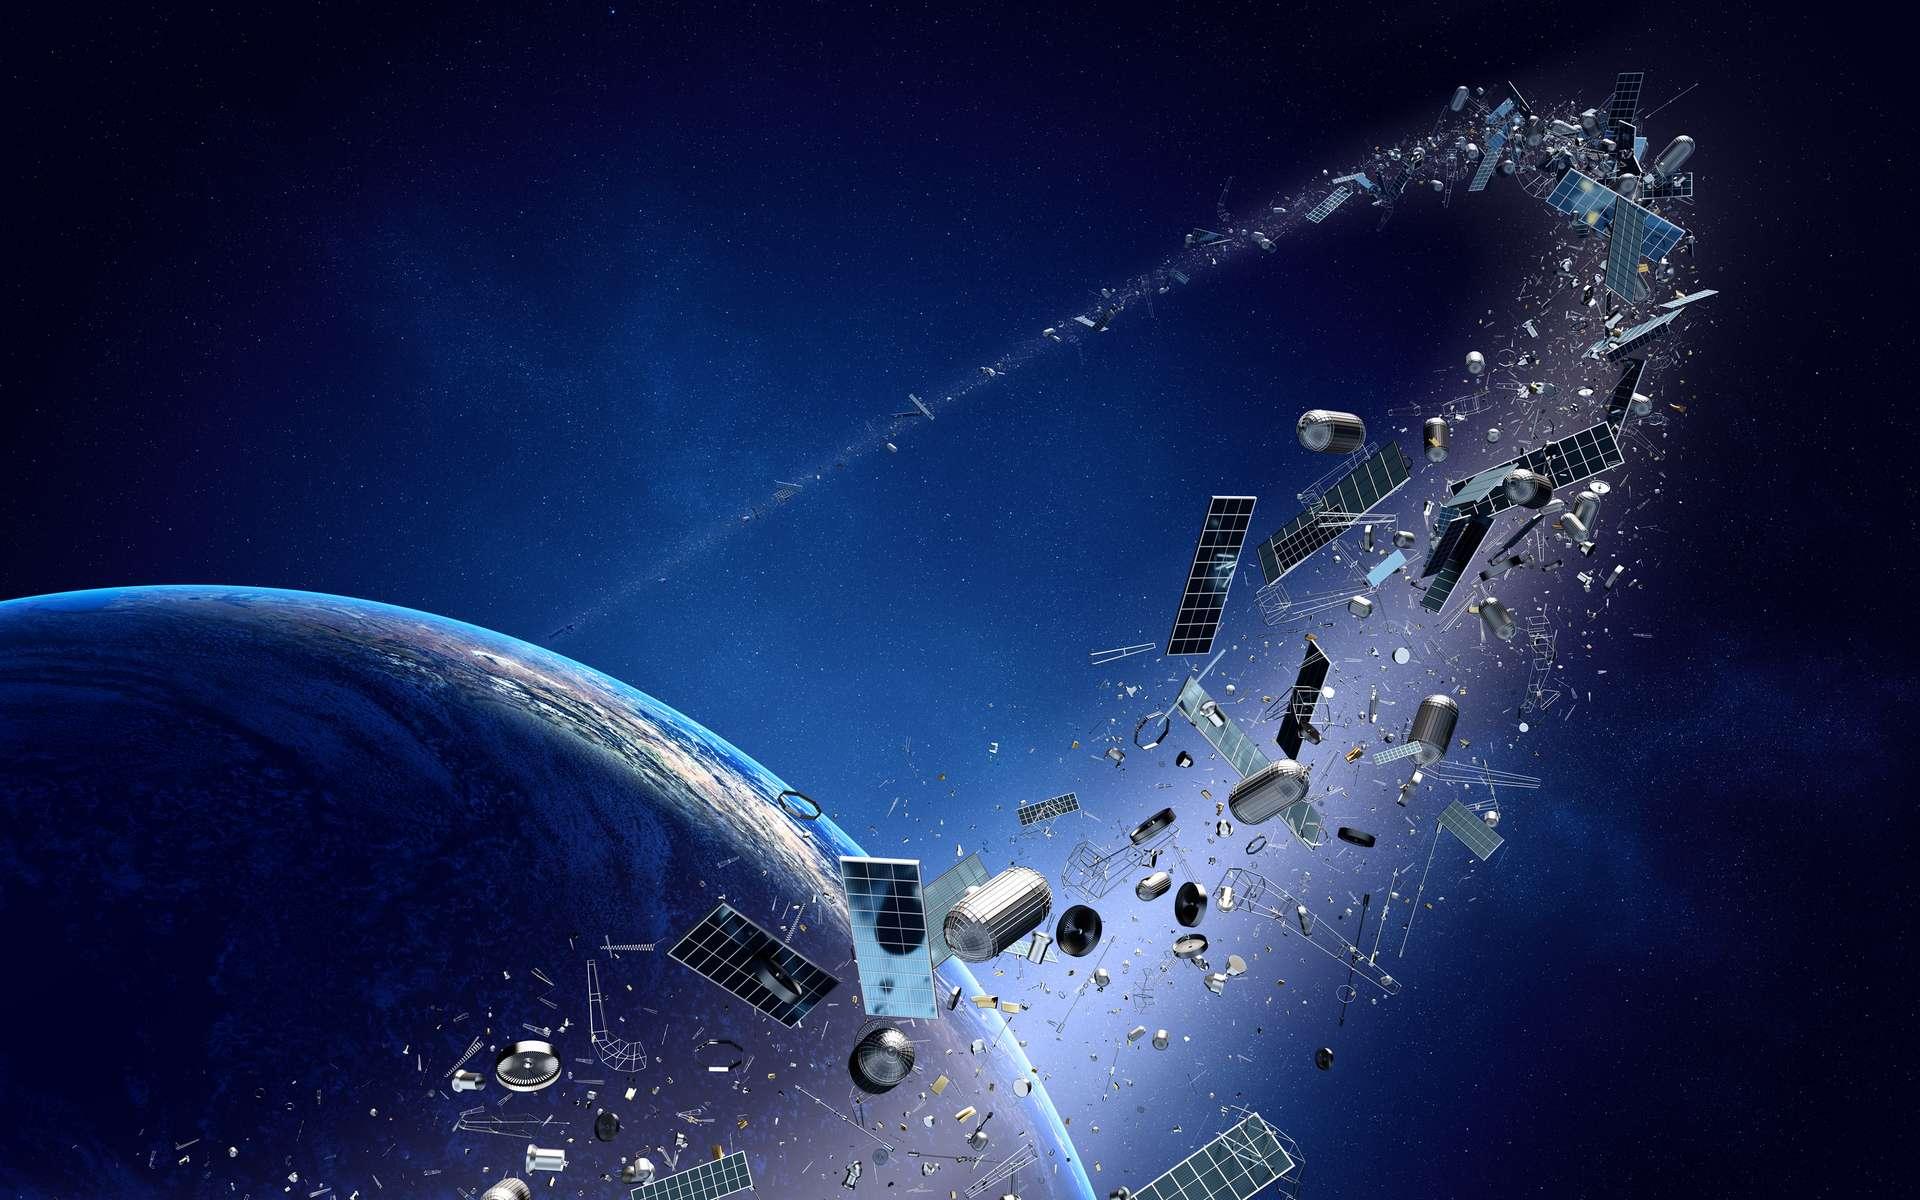 Combien de débris spatiaux orbitent autour de la Terre ? © Johan Swanepoel, Adobe Stock